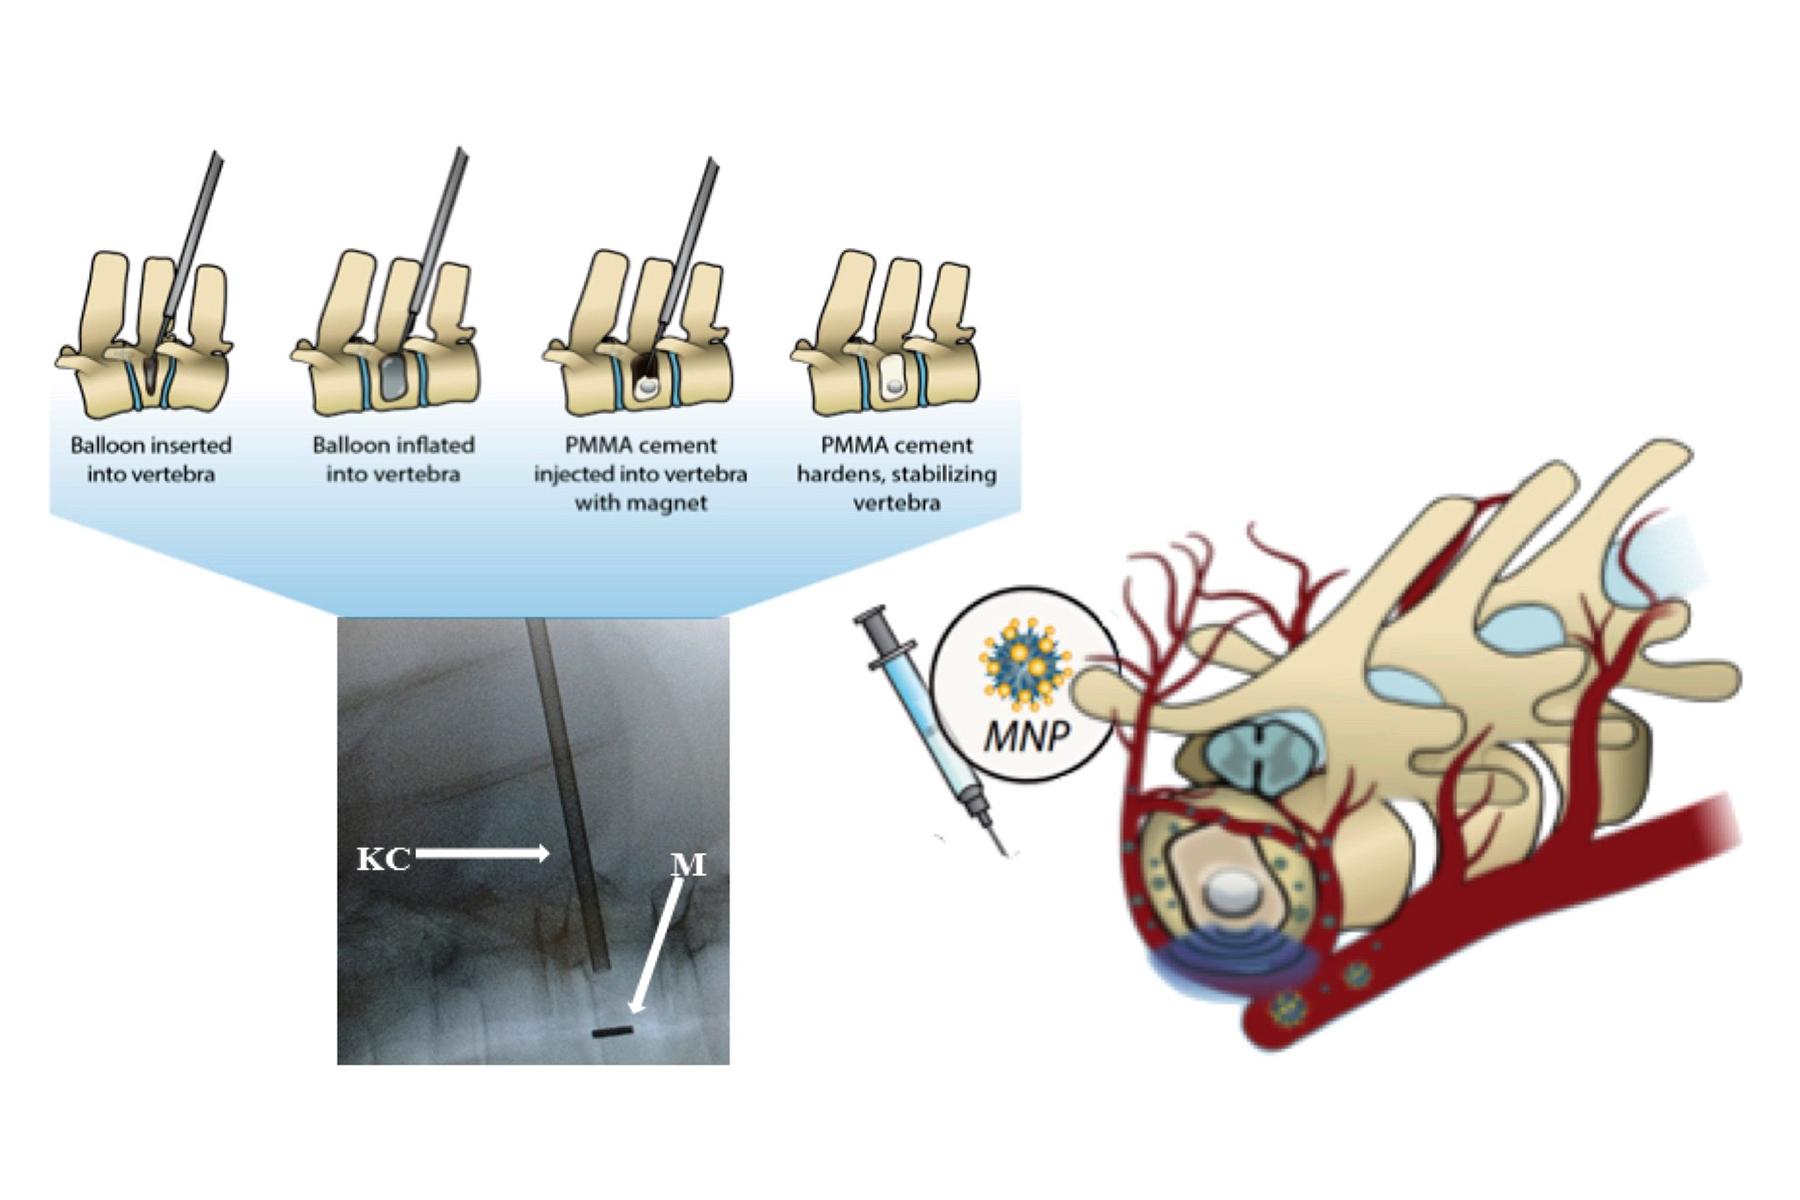 Cemento magnetico per cifoplastica